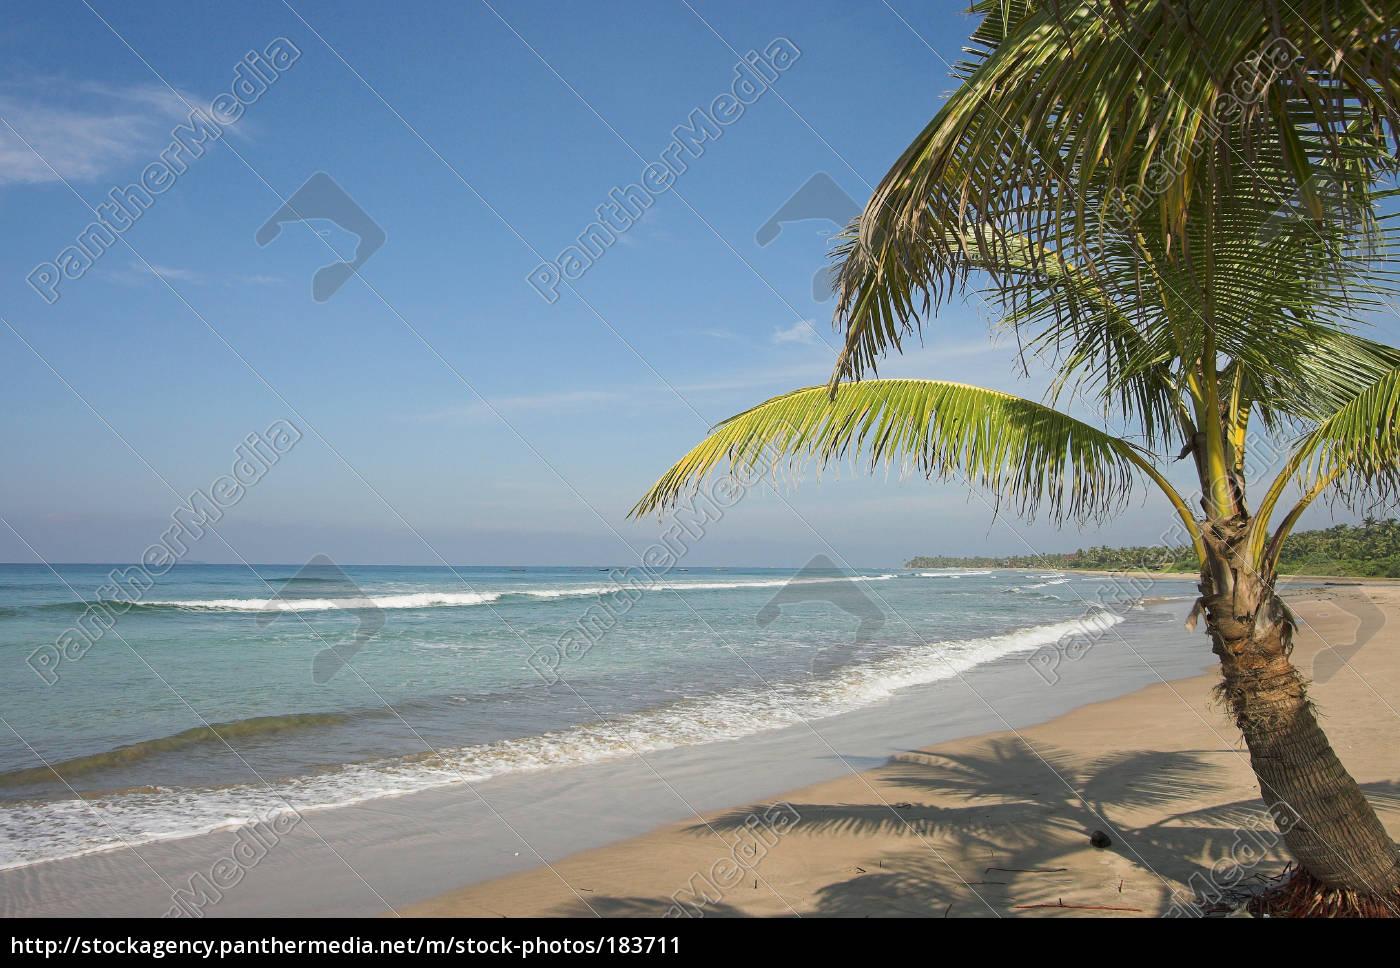 dream, beach - 183711